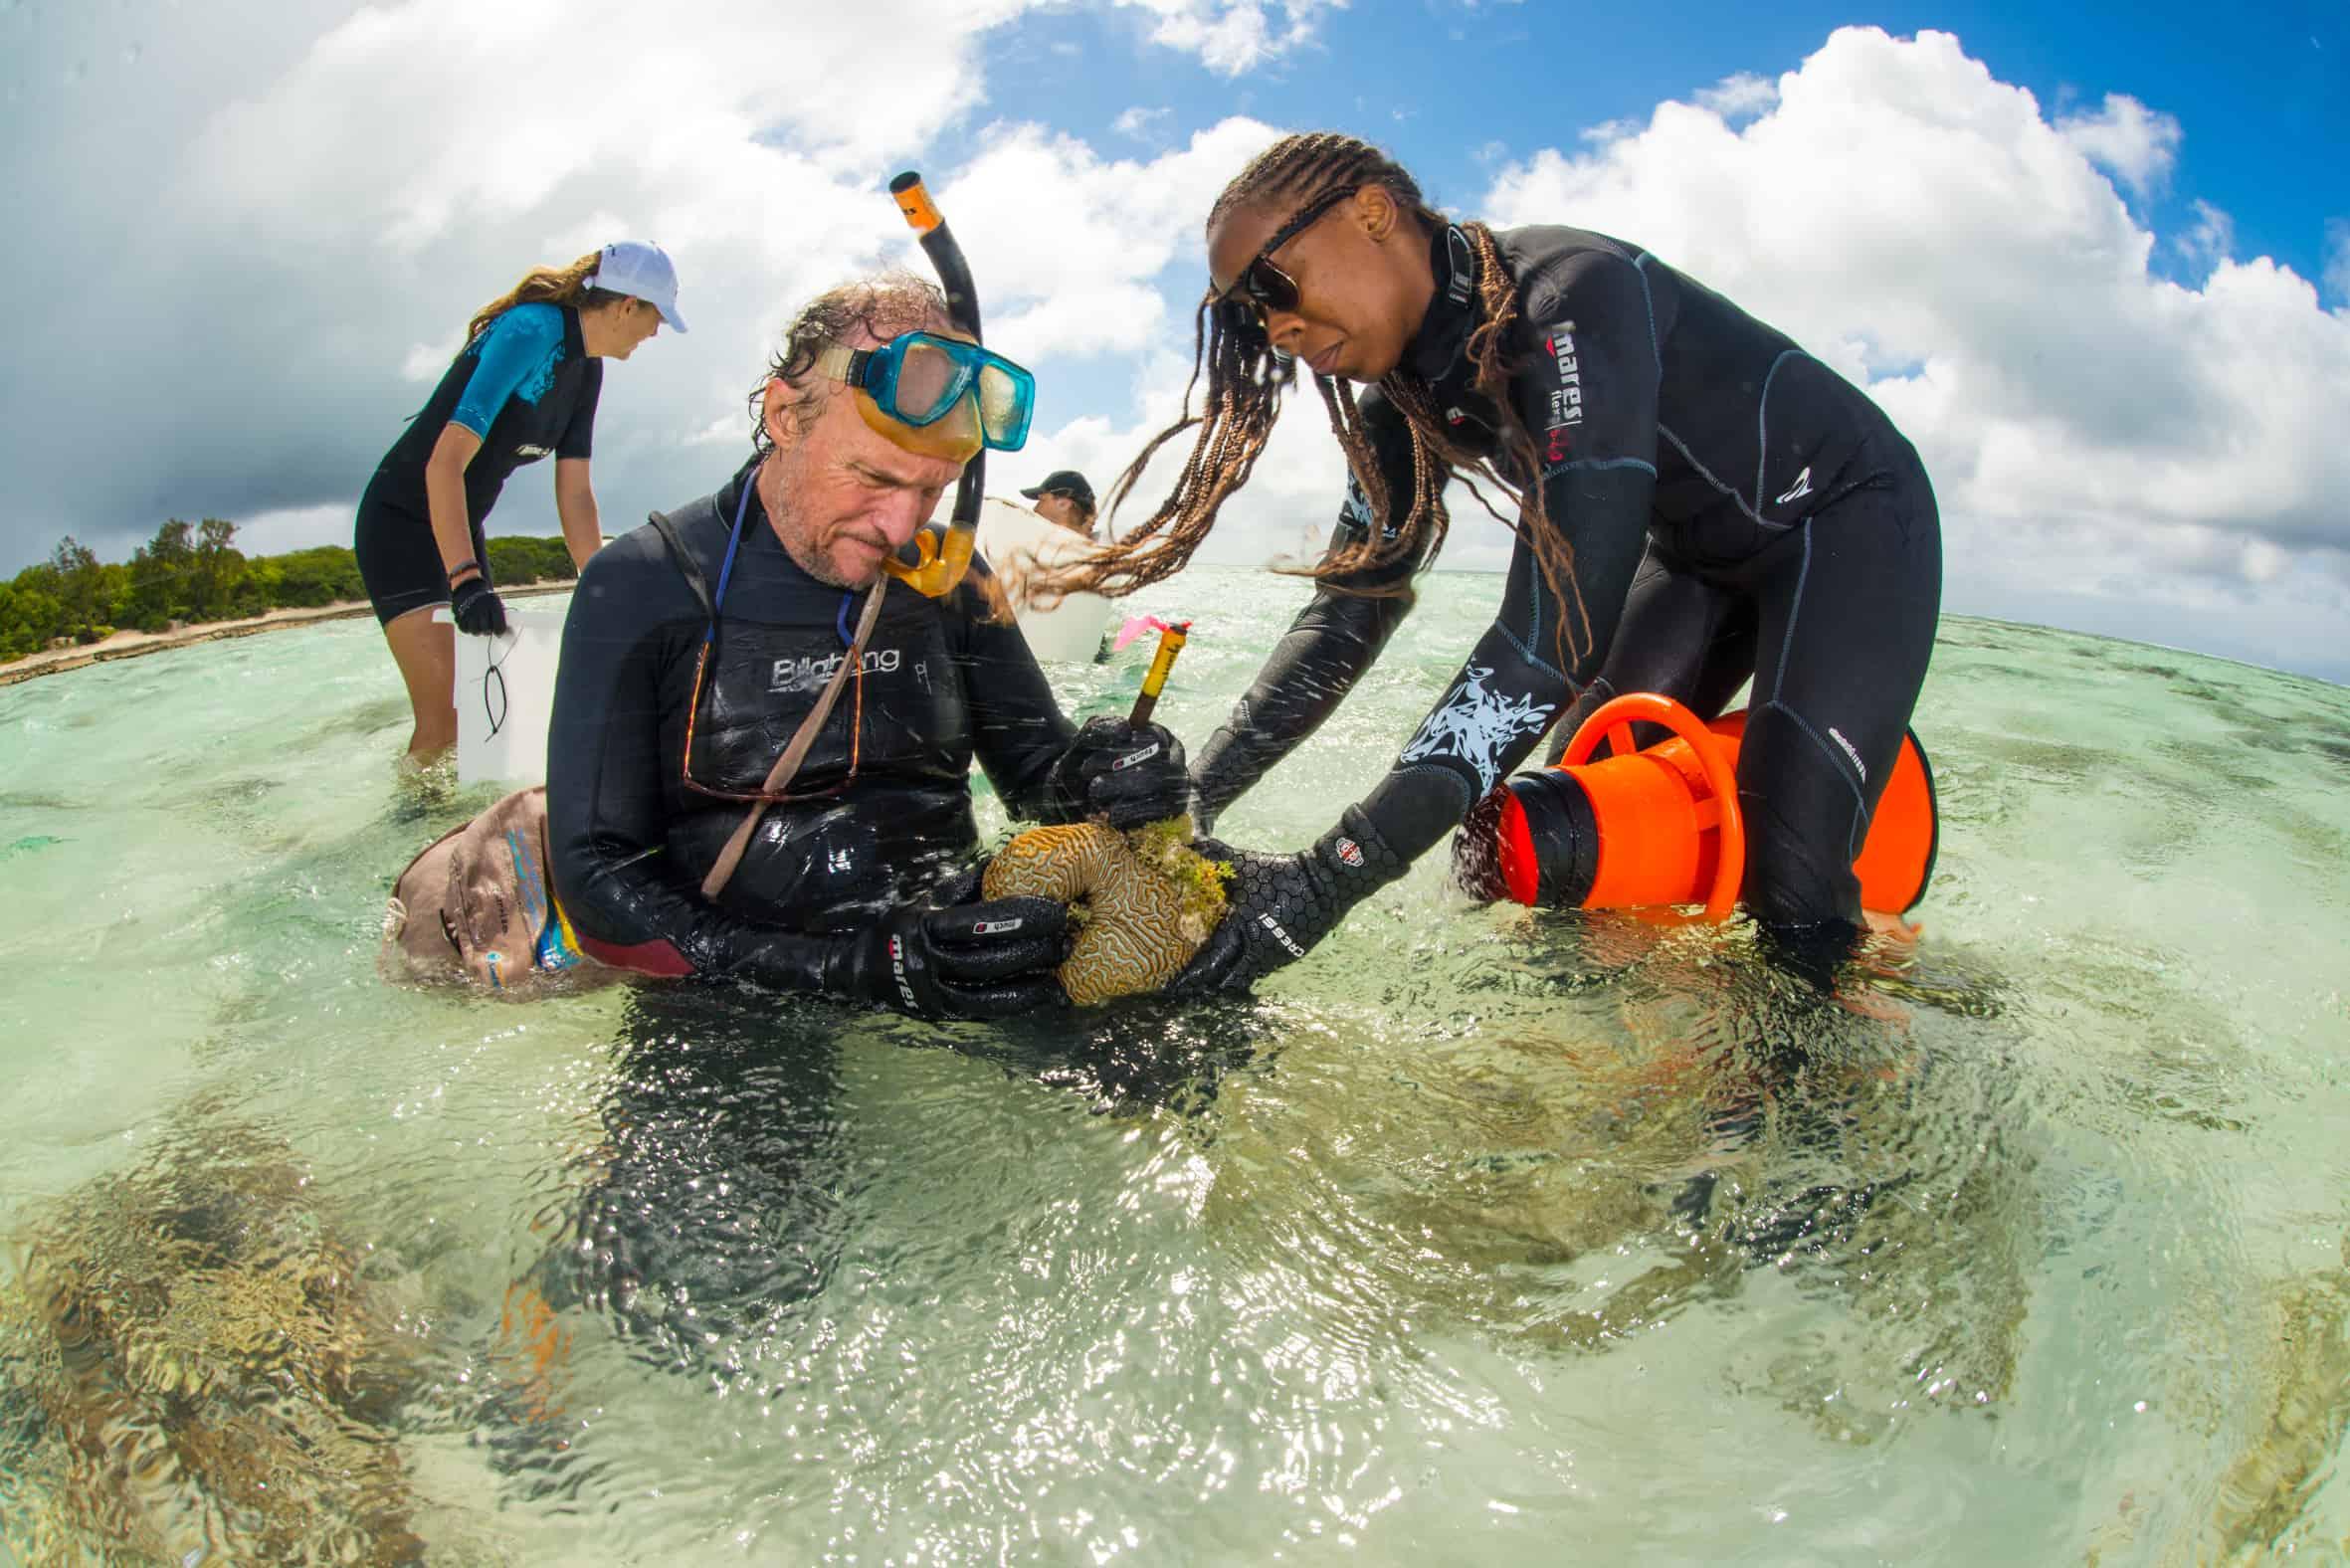 Drone subacqueo per la protezione della barriera corallina